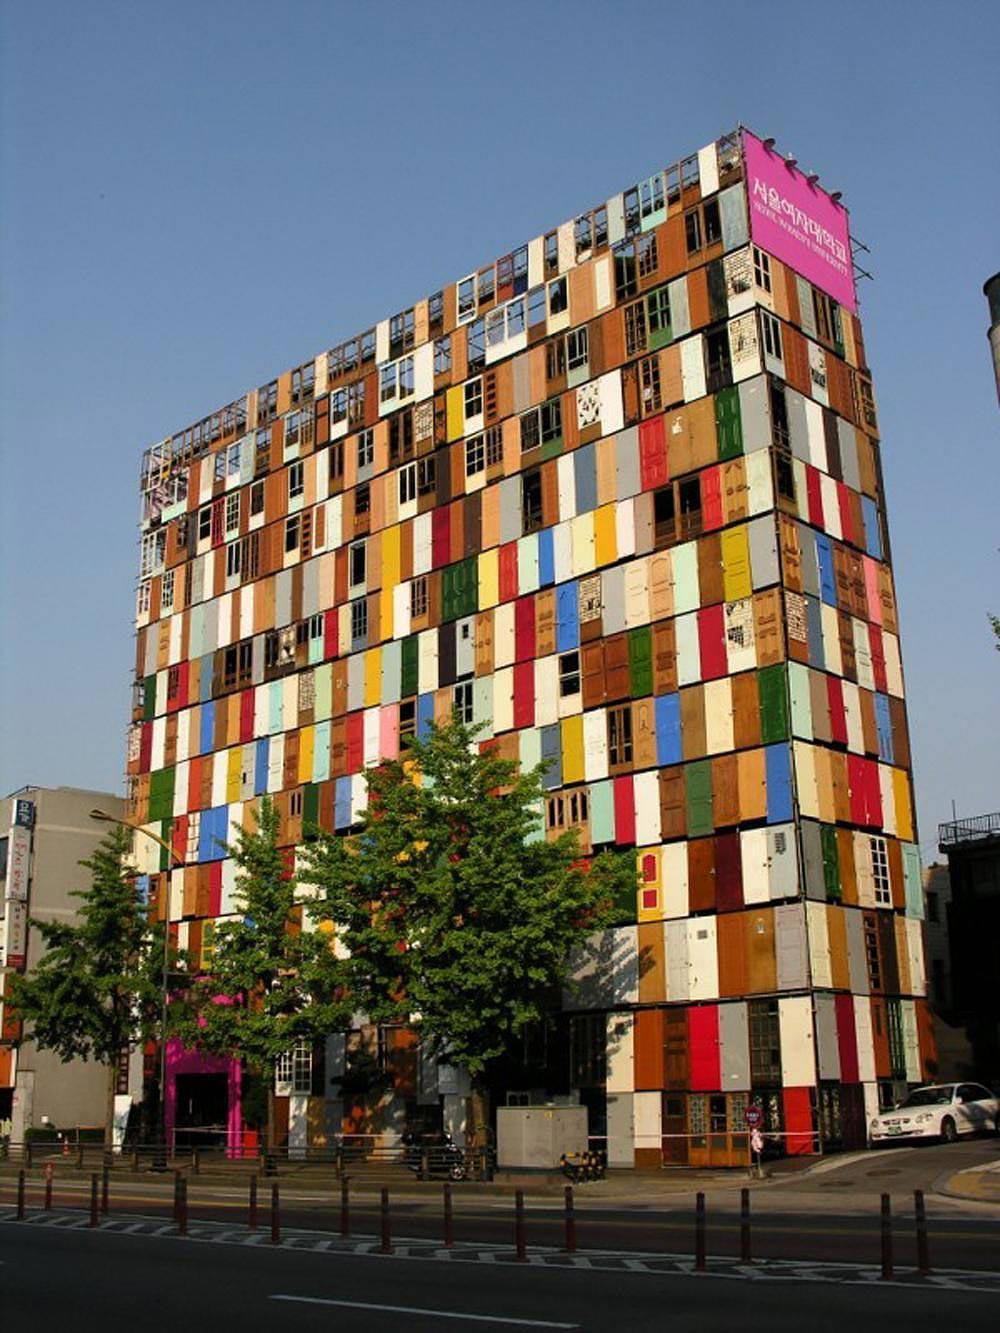 Bilderparade CDIV LangweileDich.net_Bilderparade_CDIV_08